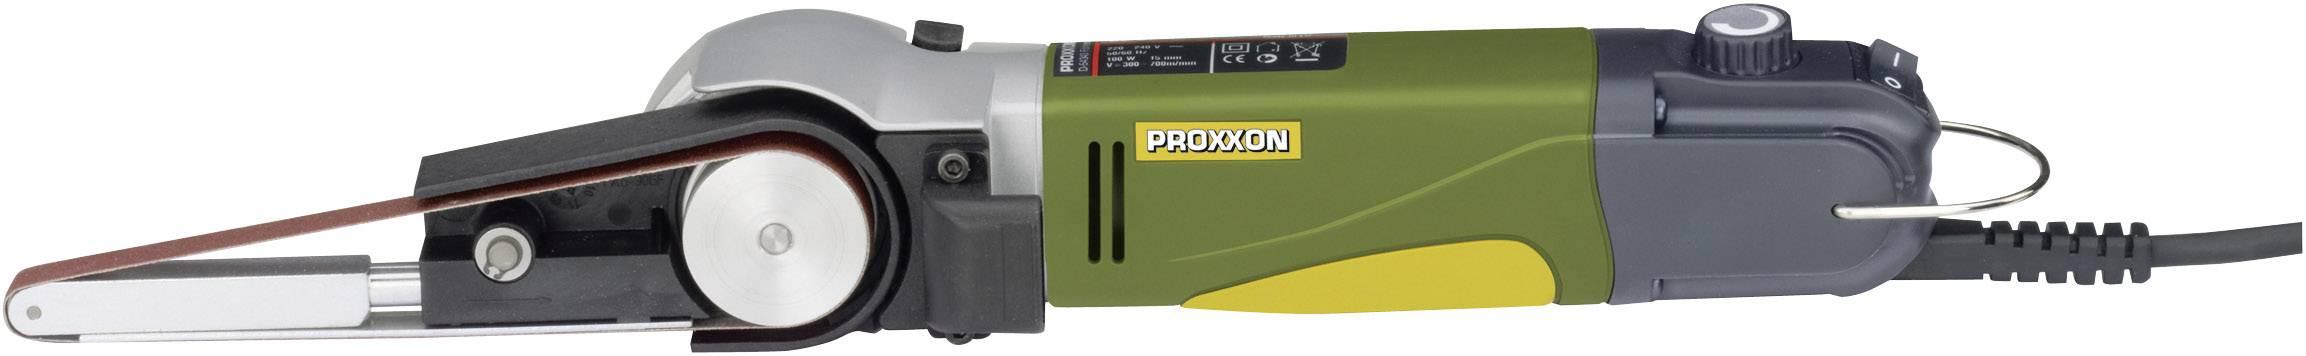 Pásová brúska Proxxon Micromot BSL 220/E 28536, 100 W